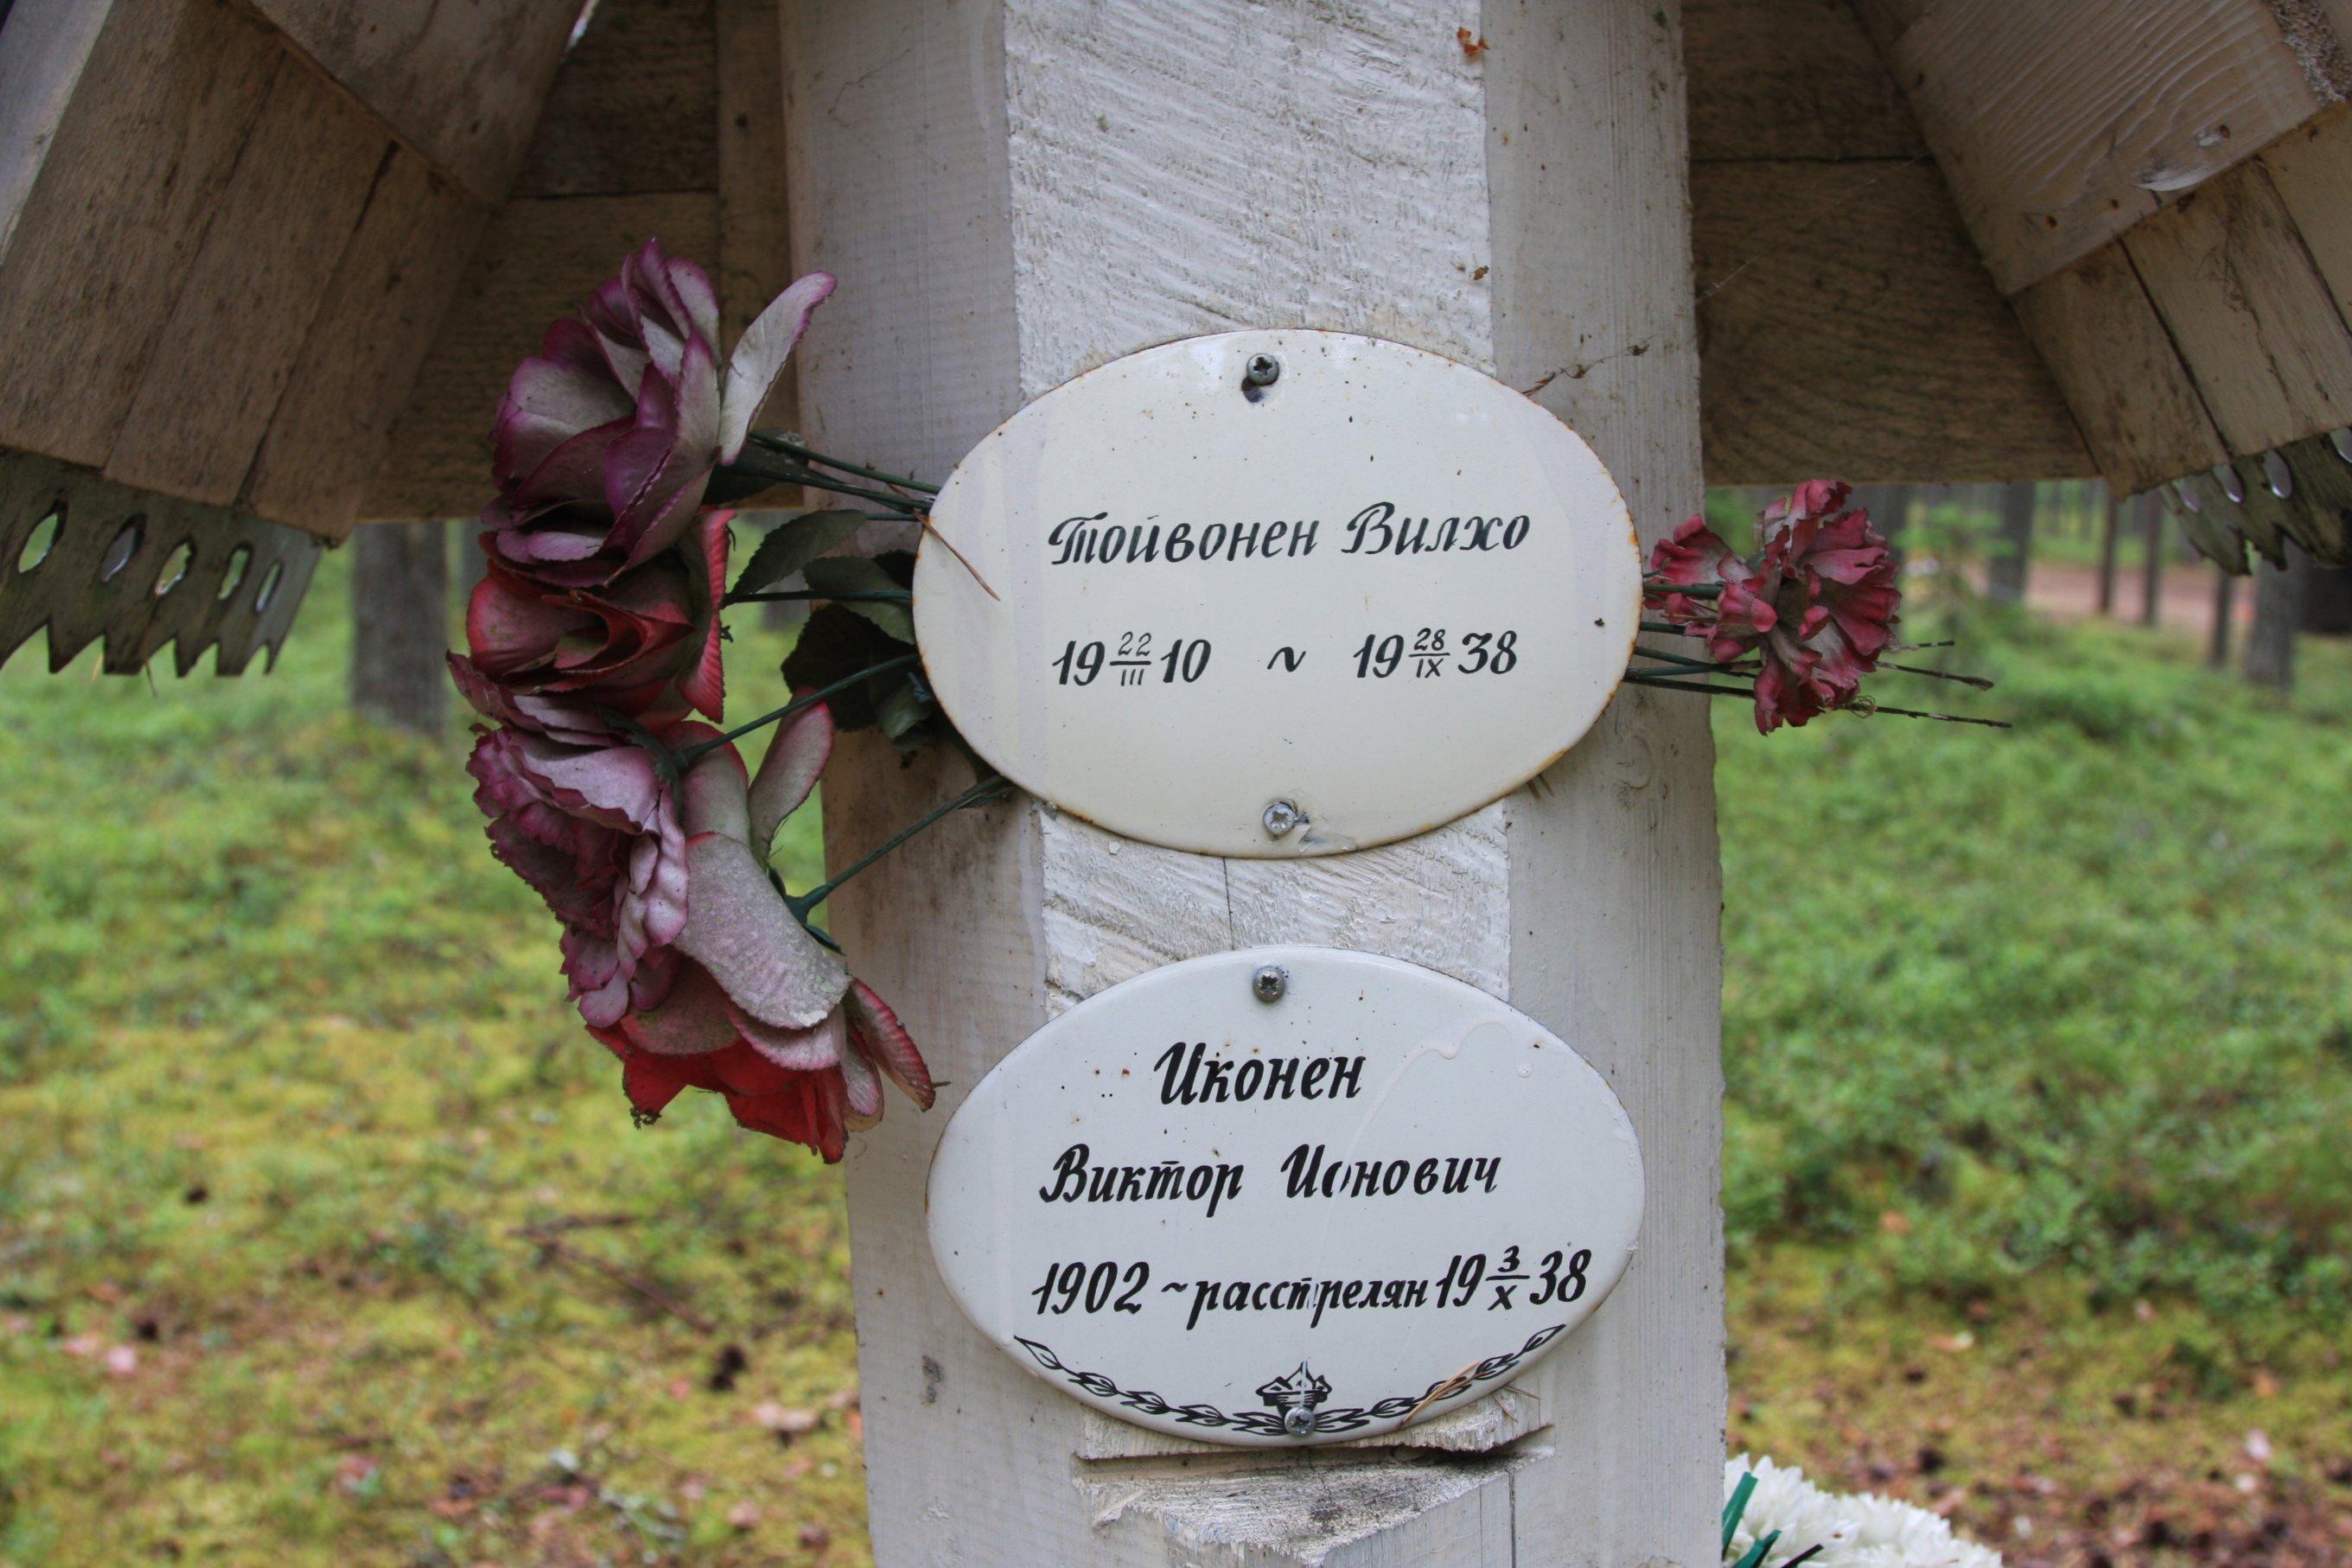 Памятная табличка «Тойвонен Вилхо». Фото 04.08.2018.